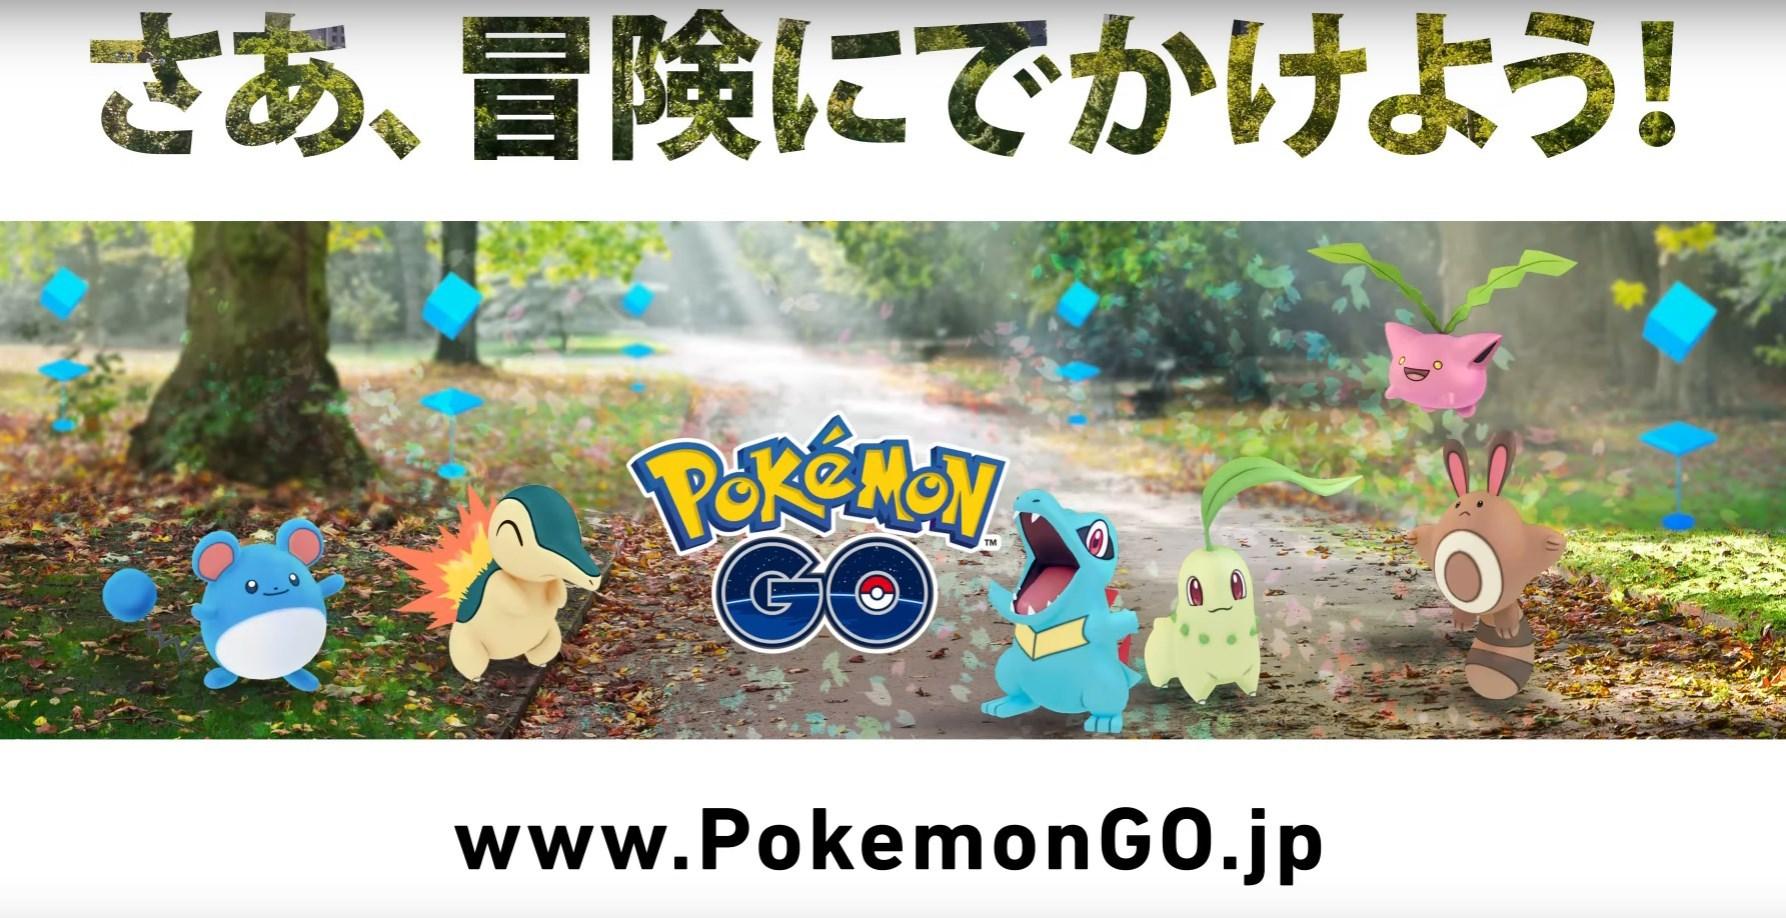 ポケモンgo』がアップデート!金銀(ジョウト地方)のポケモン80種類以上